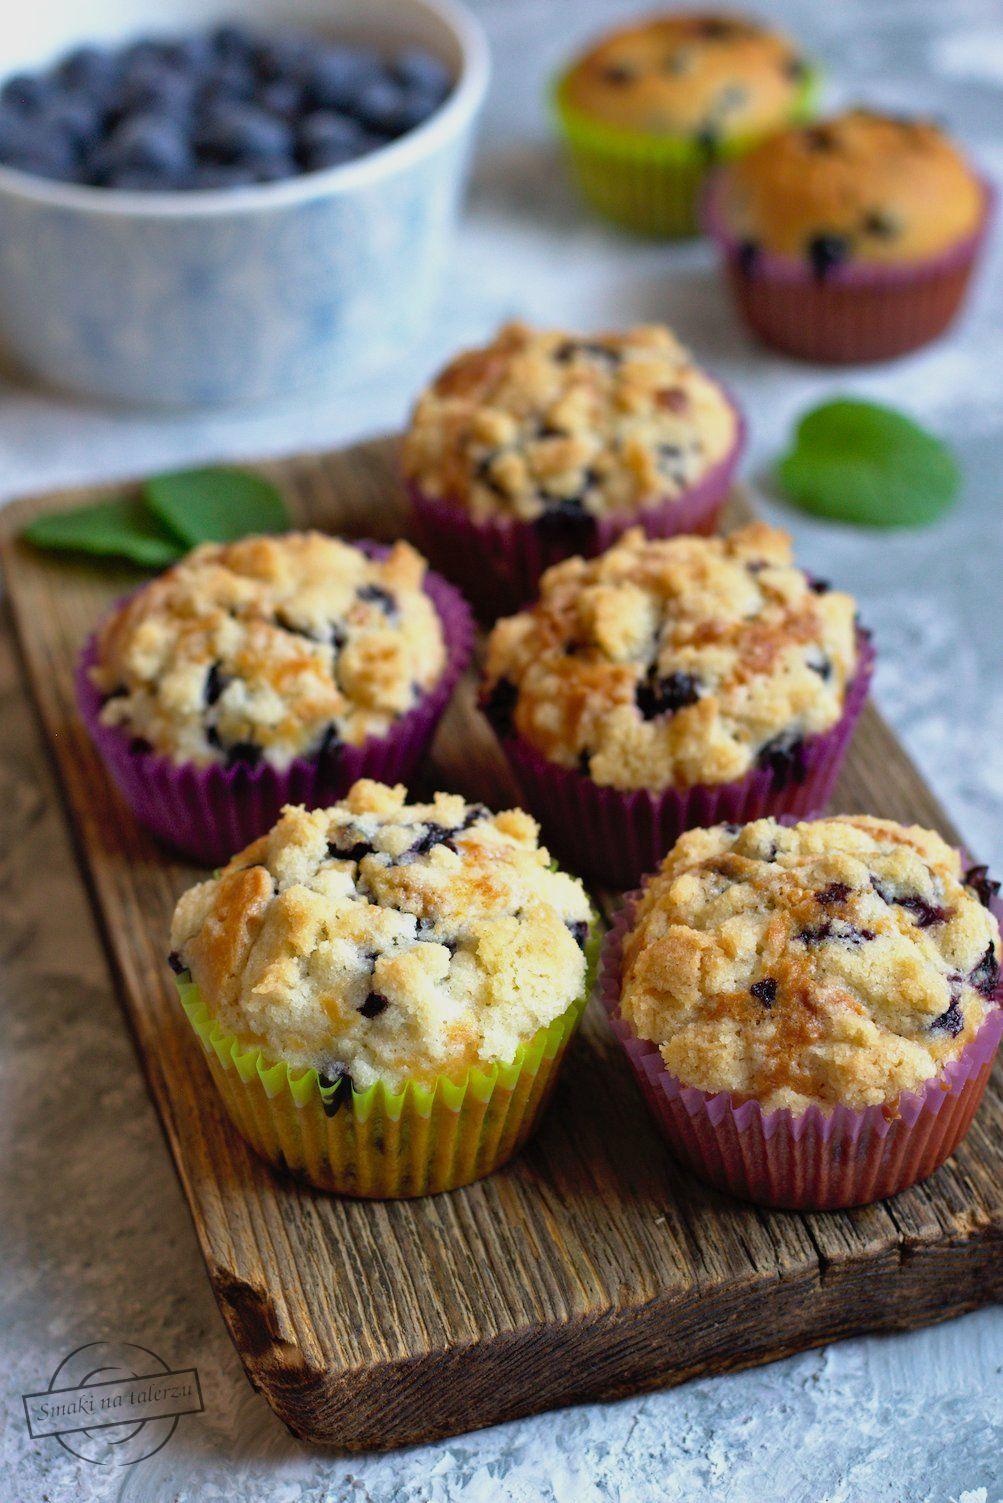 Moje Wypieki Muffinki Z Borowka Amerykanska I Lukrem Cytrynowym Food Delicious Paleo Recipes